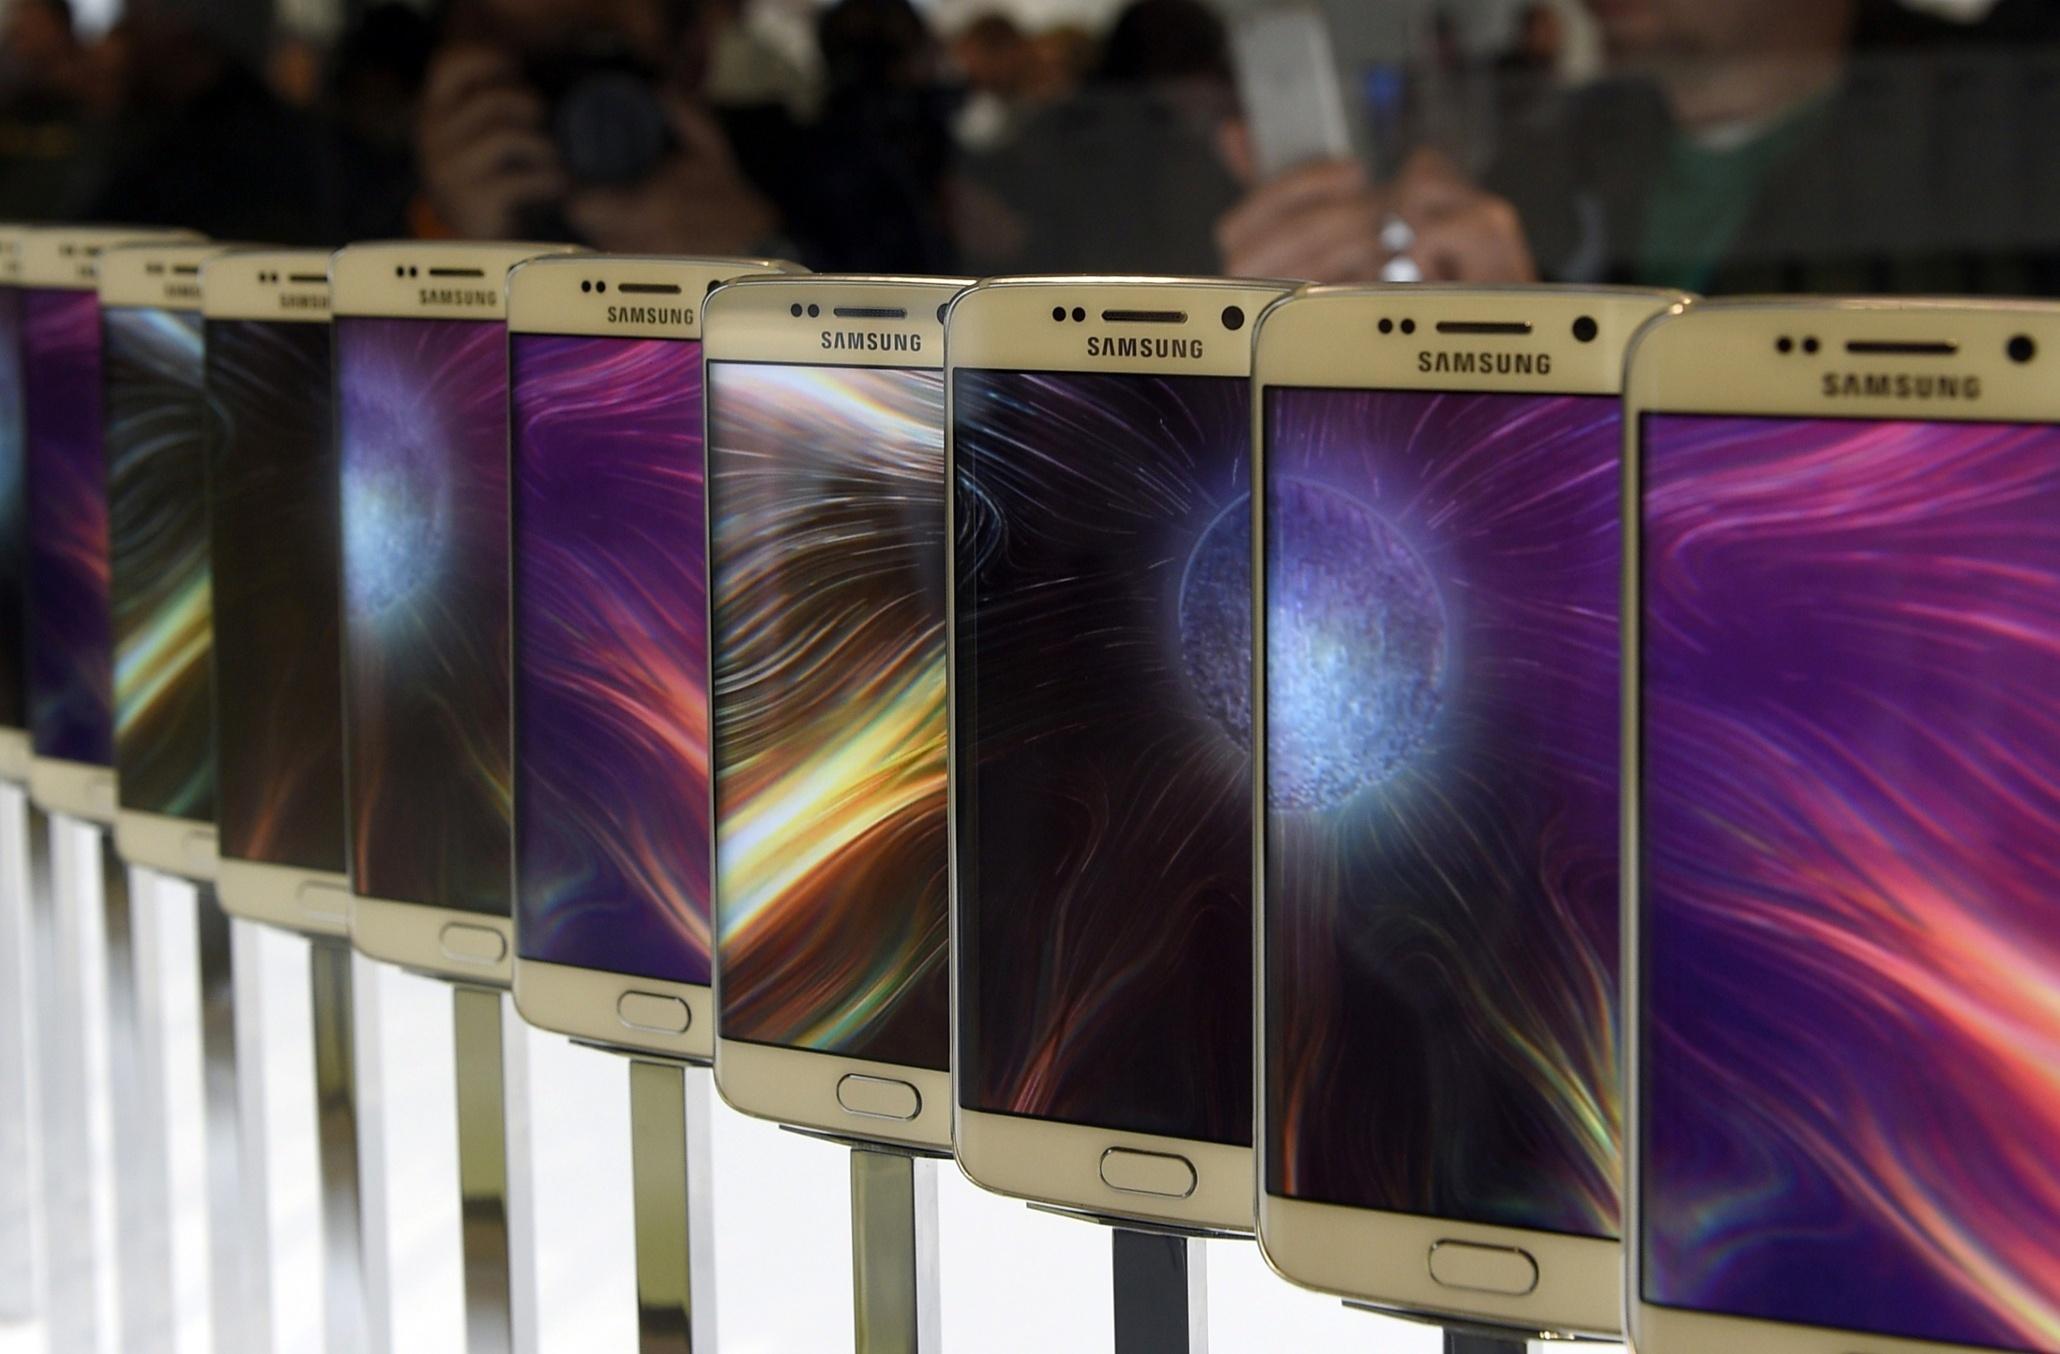 Инсайдеры раскрыли спецификации смартфона Samsung Galaxy S7